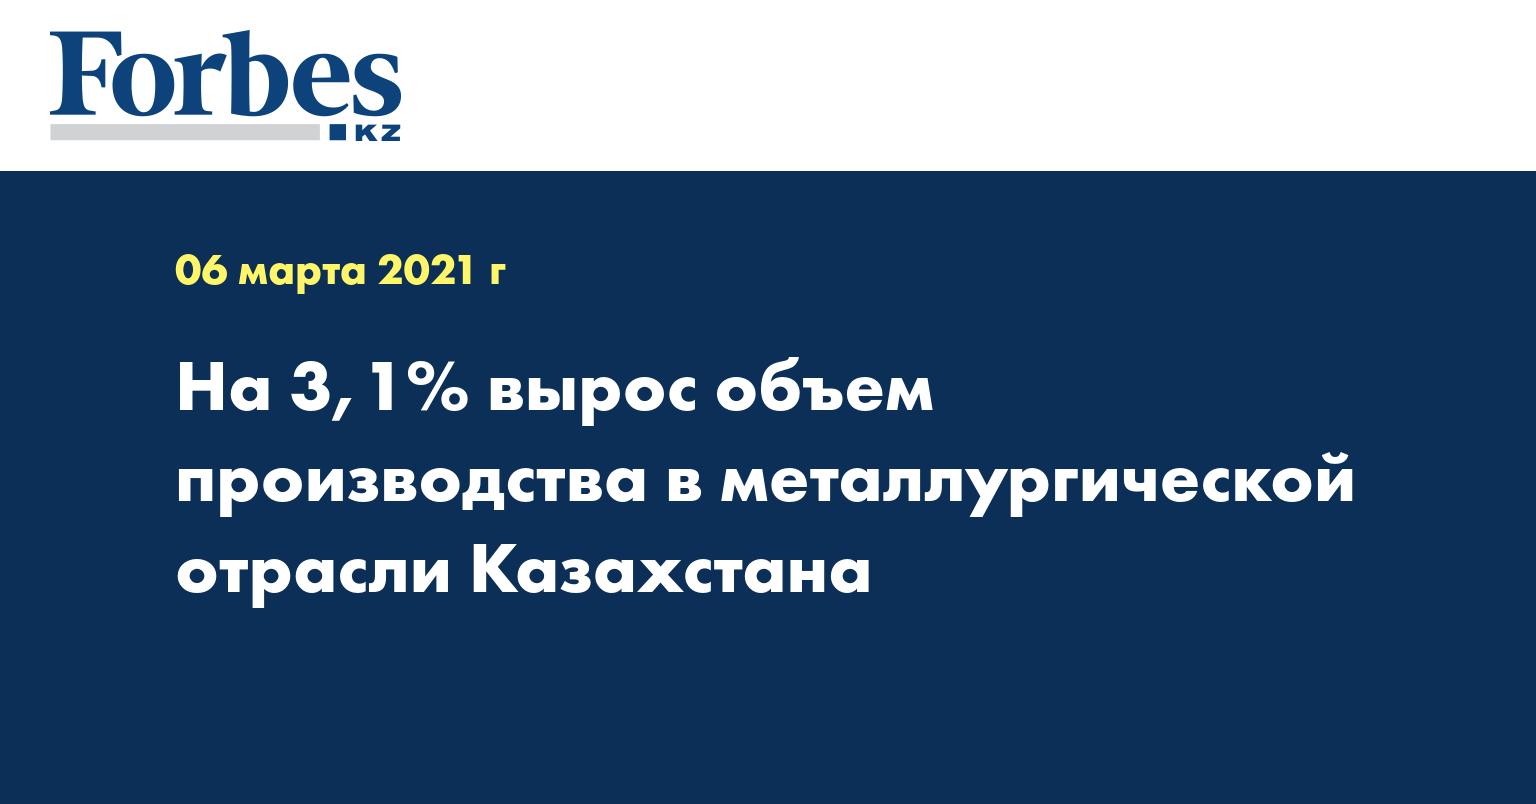 На 3,1% вырос объем производства в металлургической отрасли Казахстана